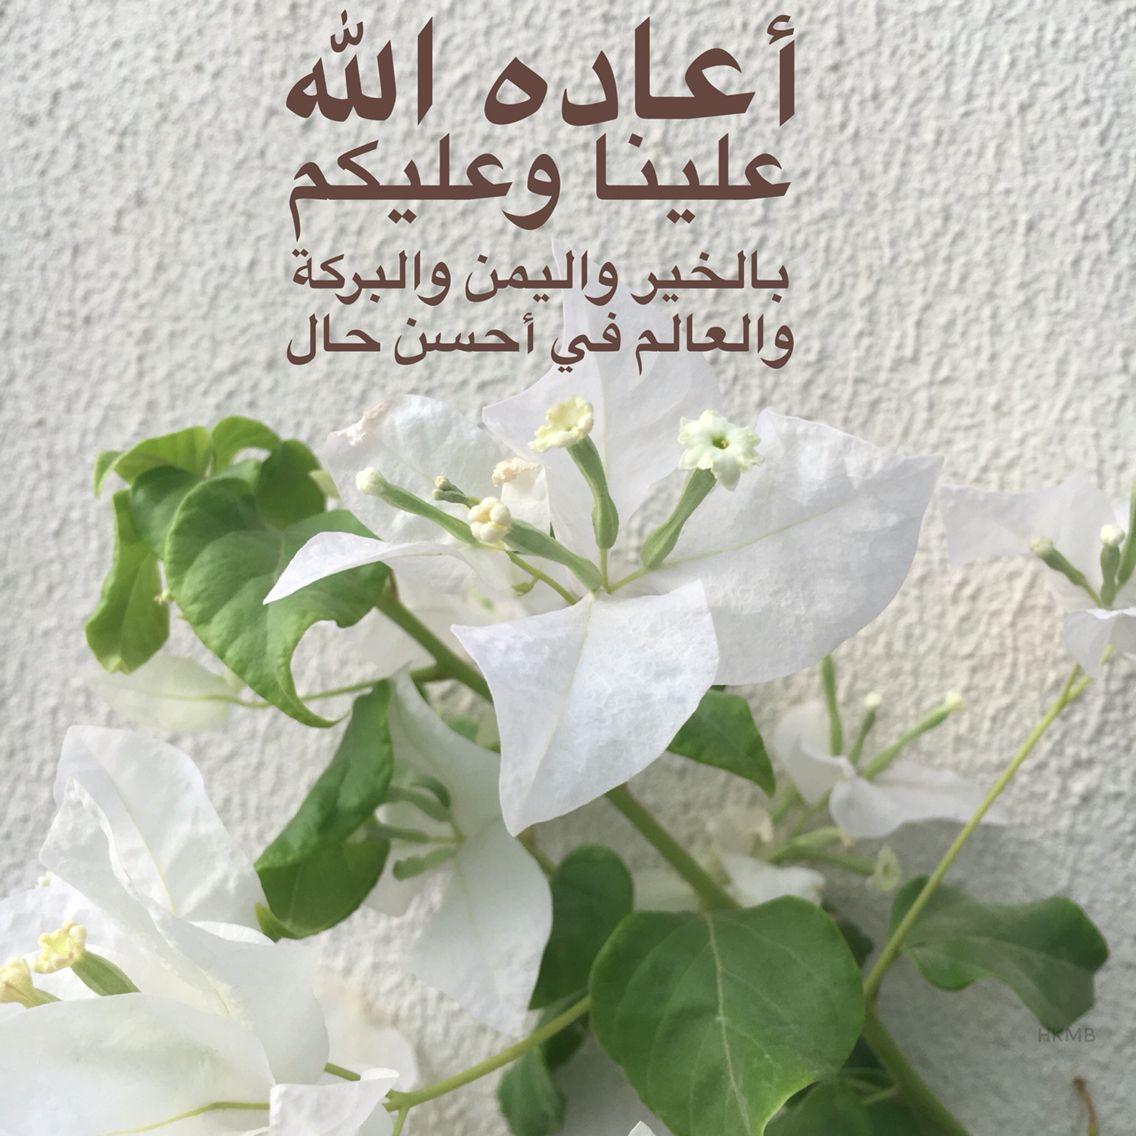 كل عام وأنتم بخير أعاده الله علينا وعليكم بالخير واليمن والبركة والعالم في أحسن حال عيد الفطر المبارك Book Cover Islam Quran Prayers